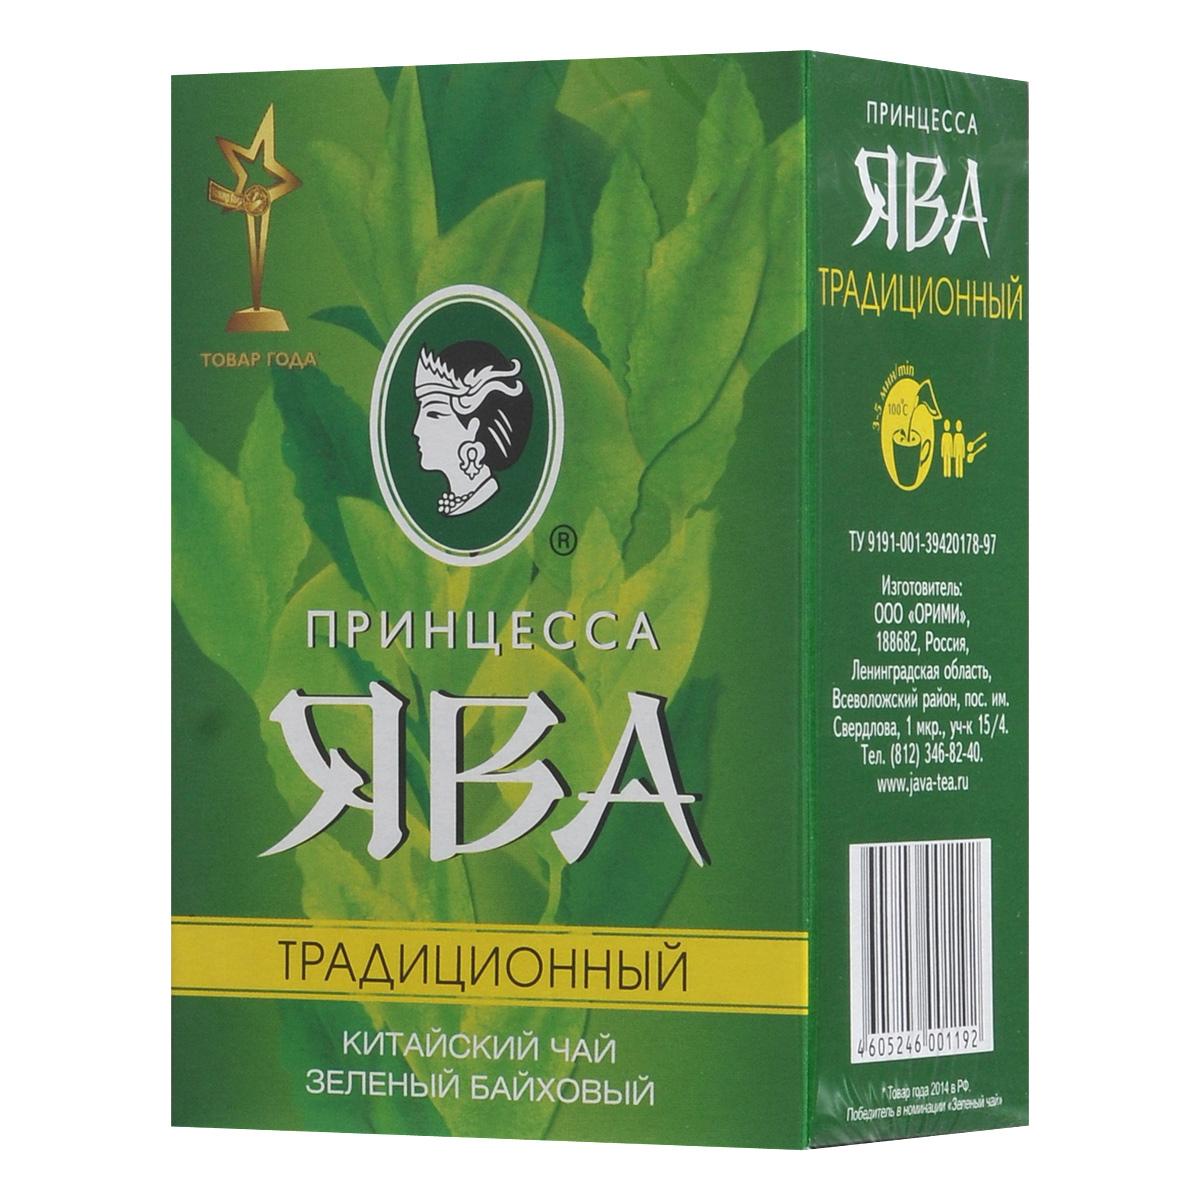 Принцесса Ява Традиционный зеленый чай листовой, 100 г